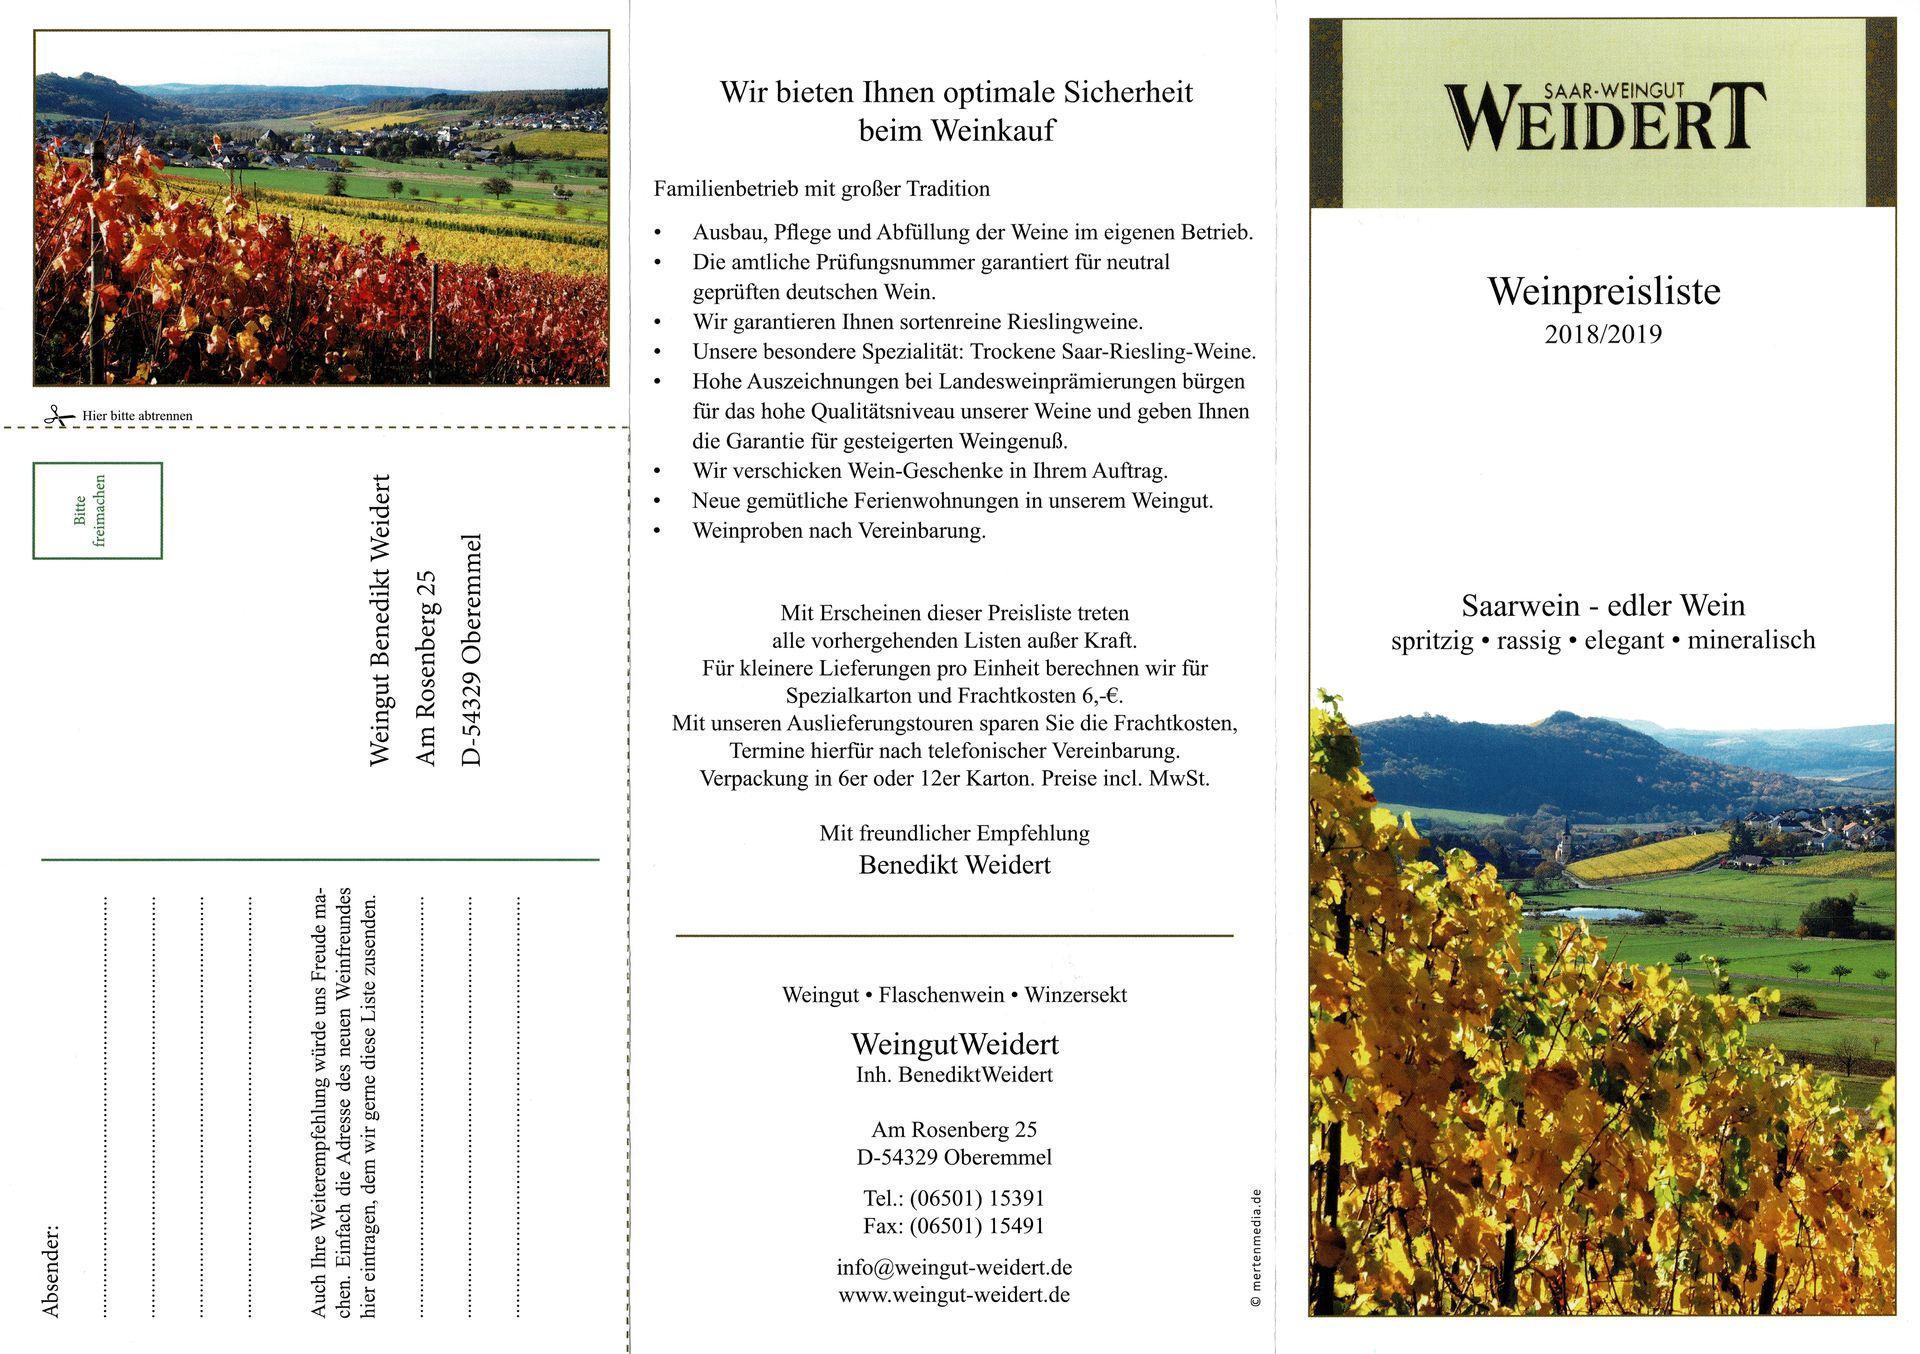 Preisliste 2018 1 Weingut Weidertweingut Weidert